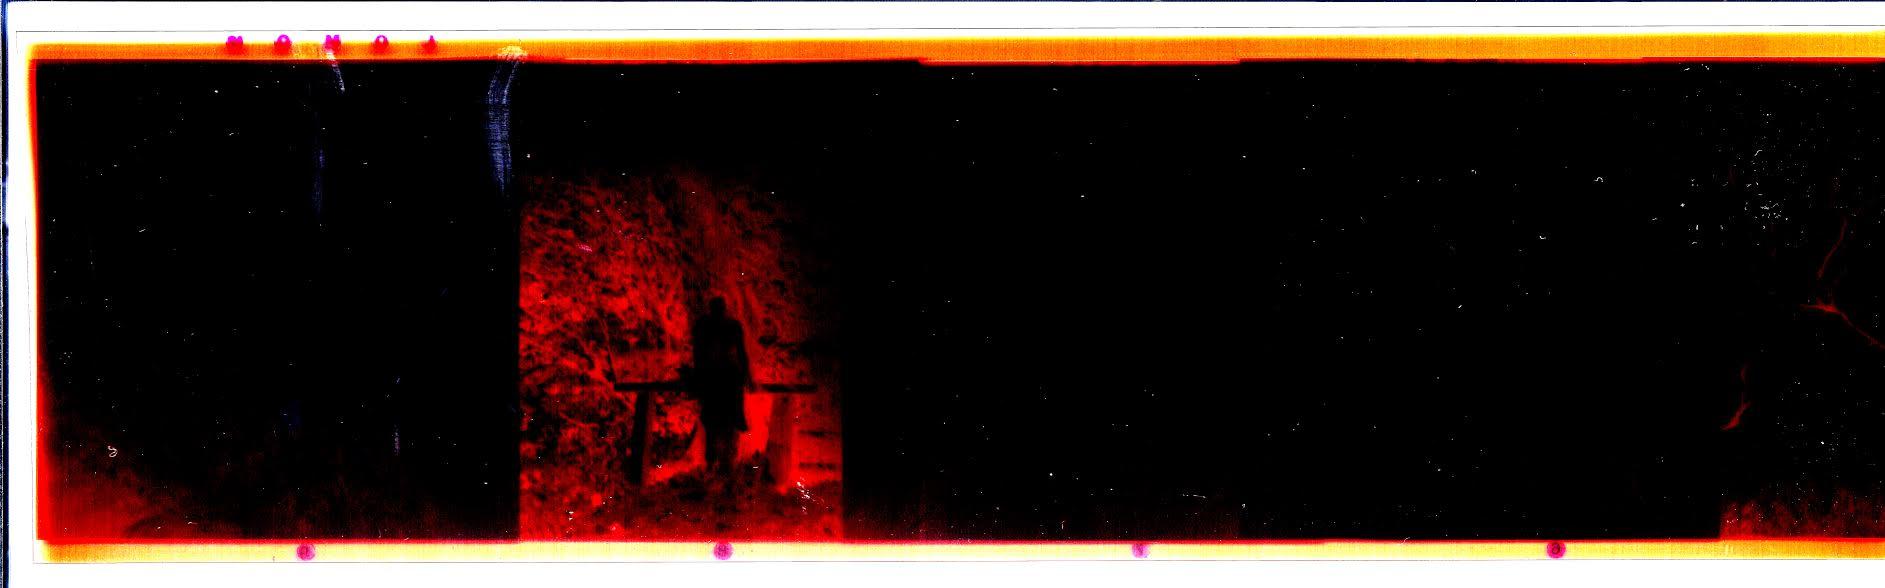 Fenyvesi Orsi felvetele 9.jpg